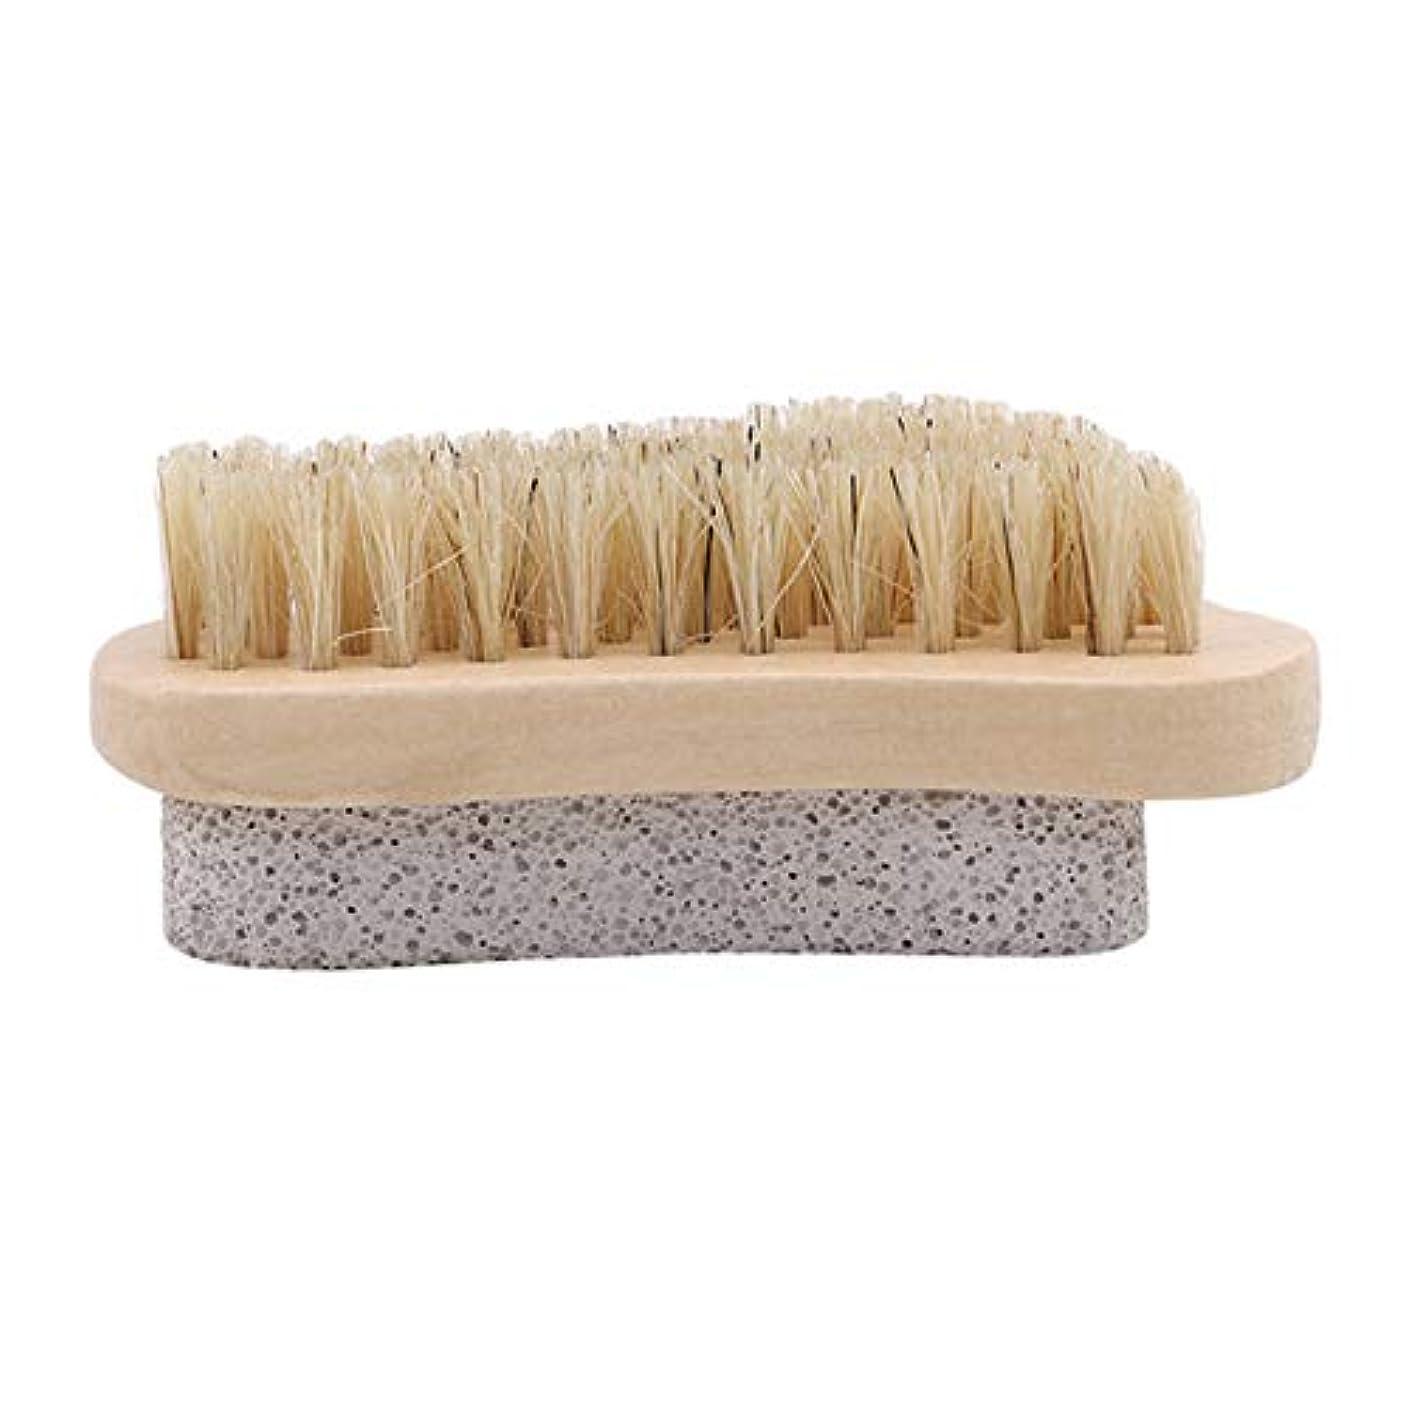 ここにリール鎖Bigsweety 足軽石の足爪ブラシ 角質除去 フットブラシ 足を洗うブラシ身体洗いブラシ 足 軽石足爪ブラシライ